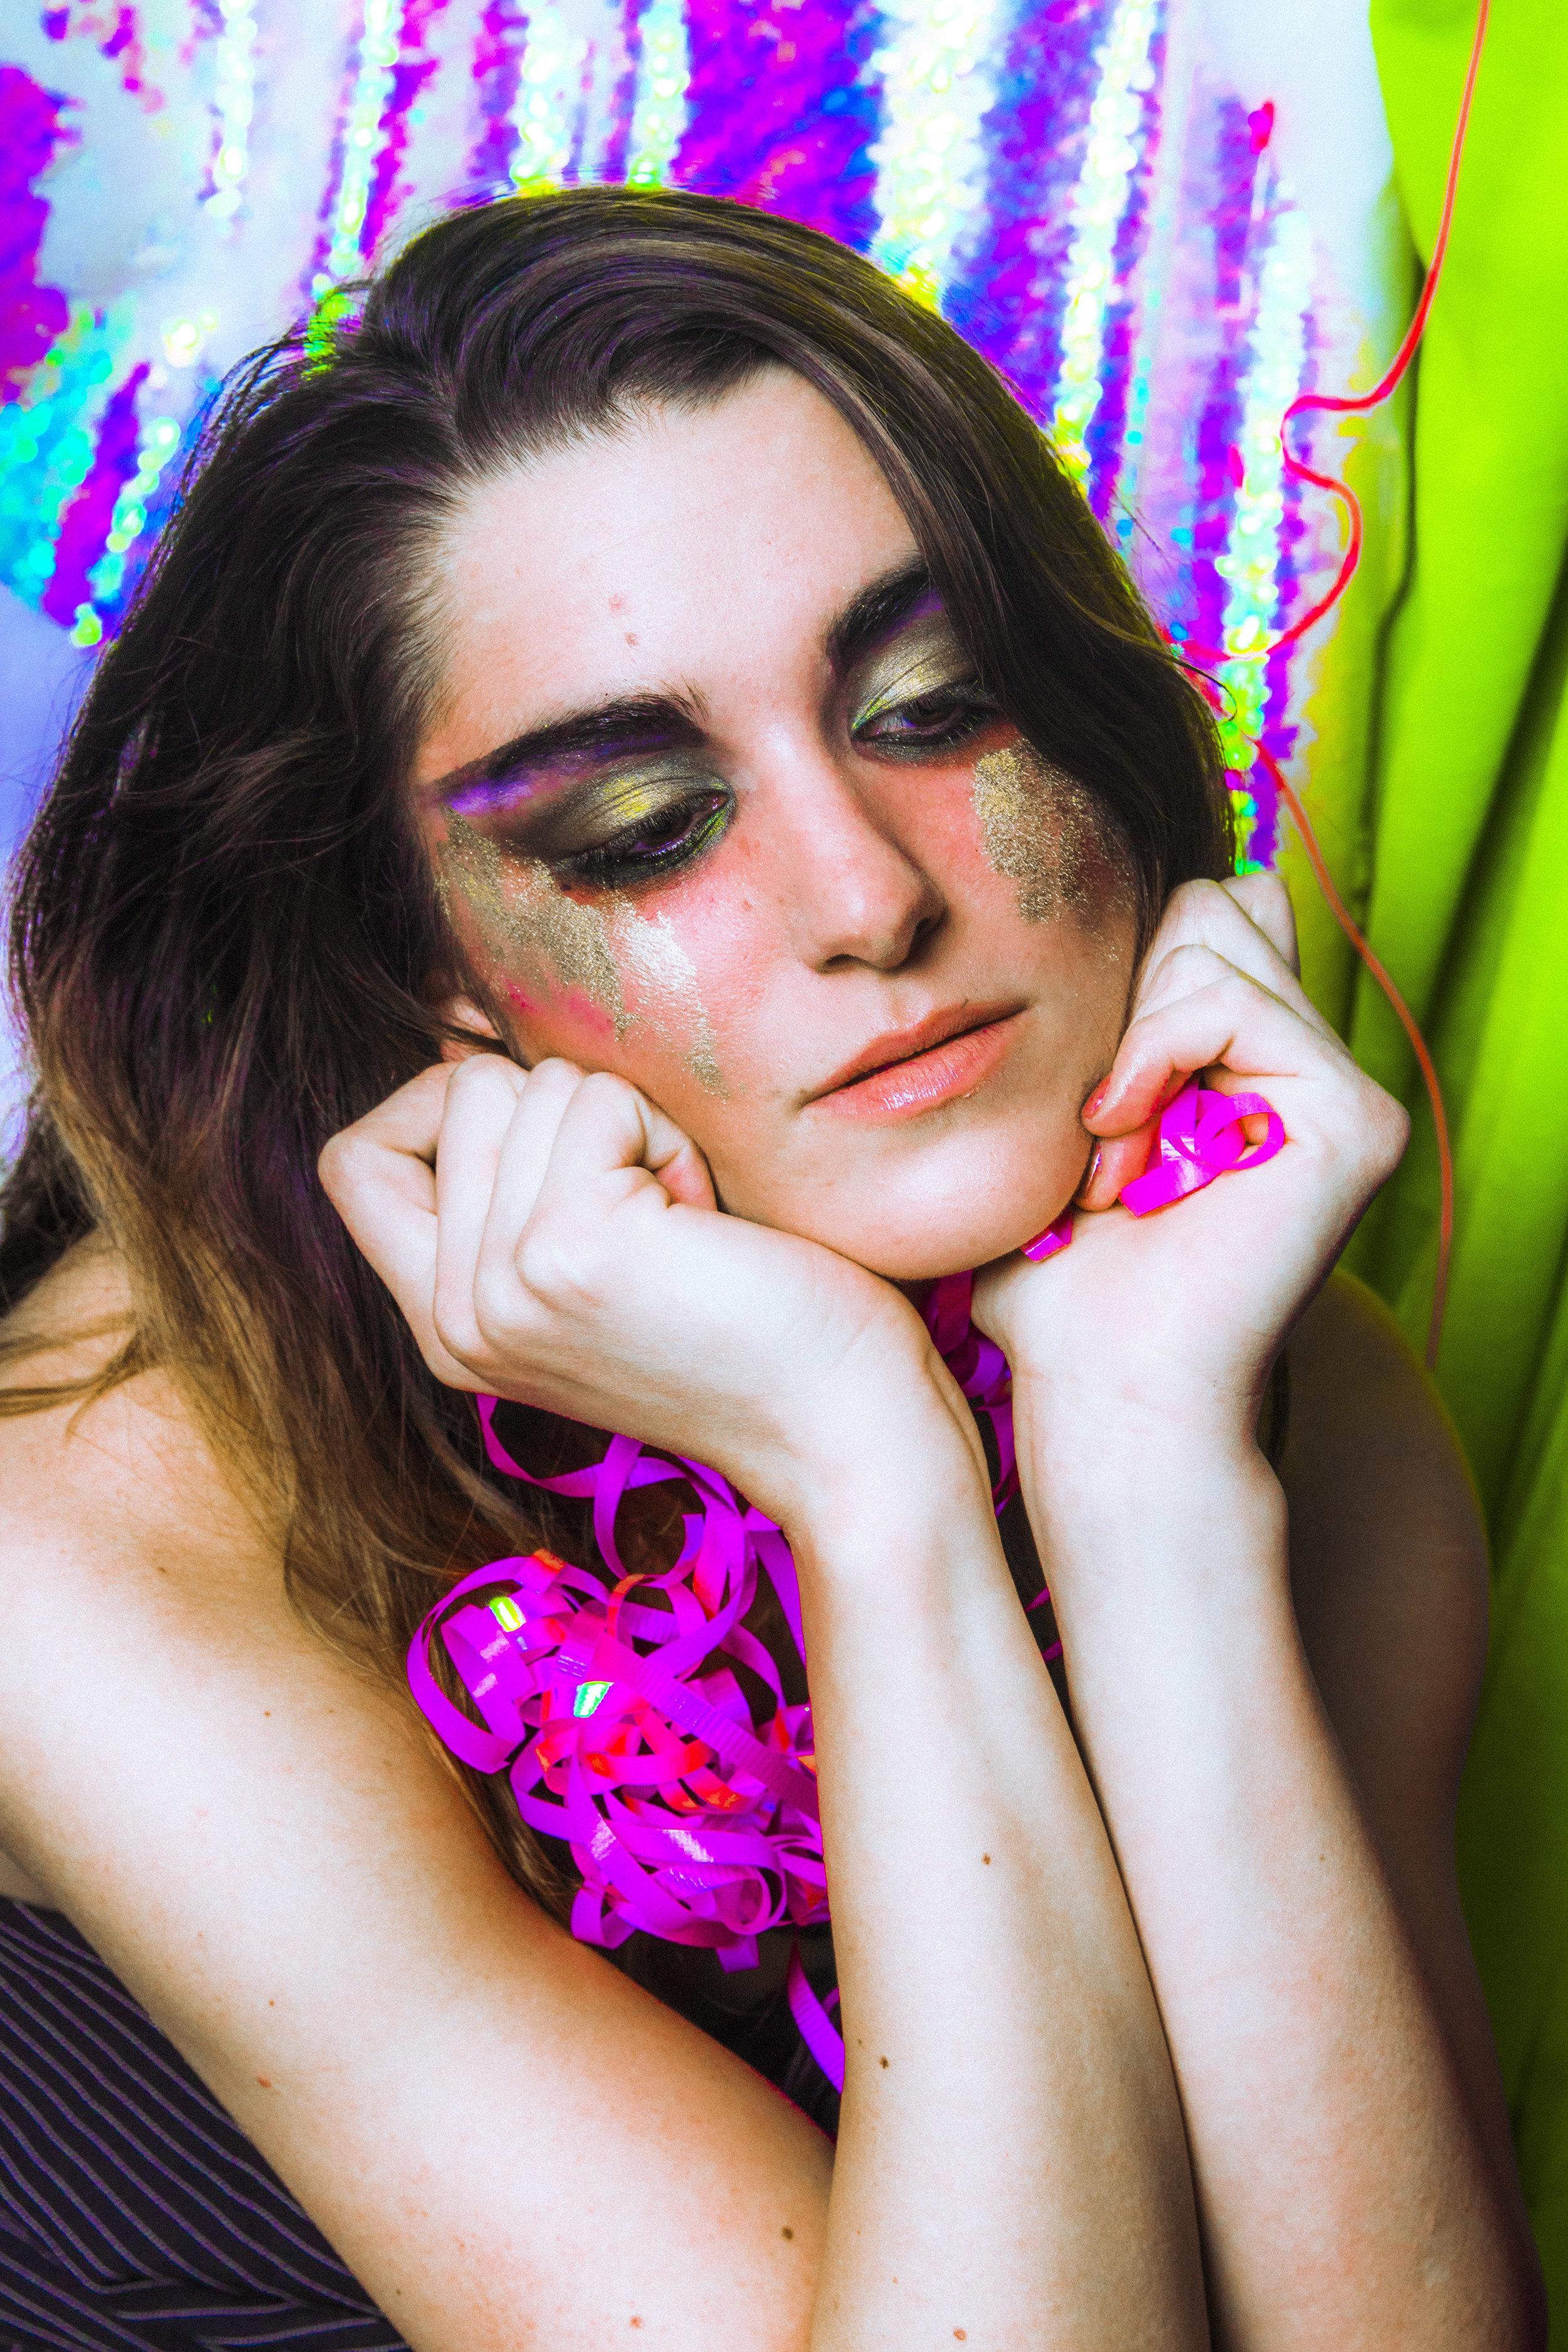 Maquillage-6.jpg